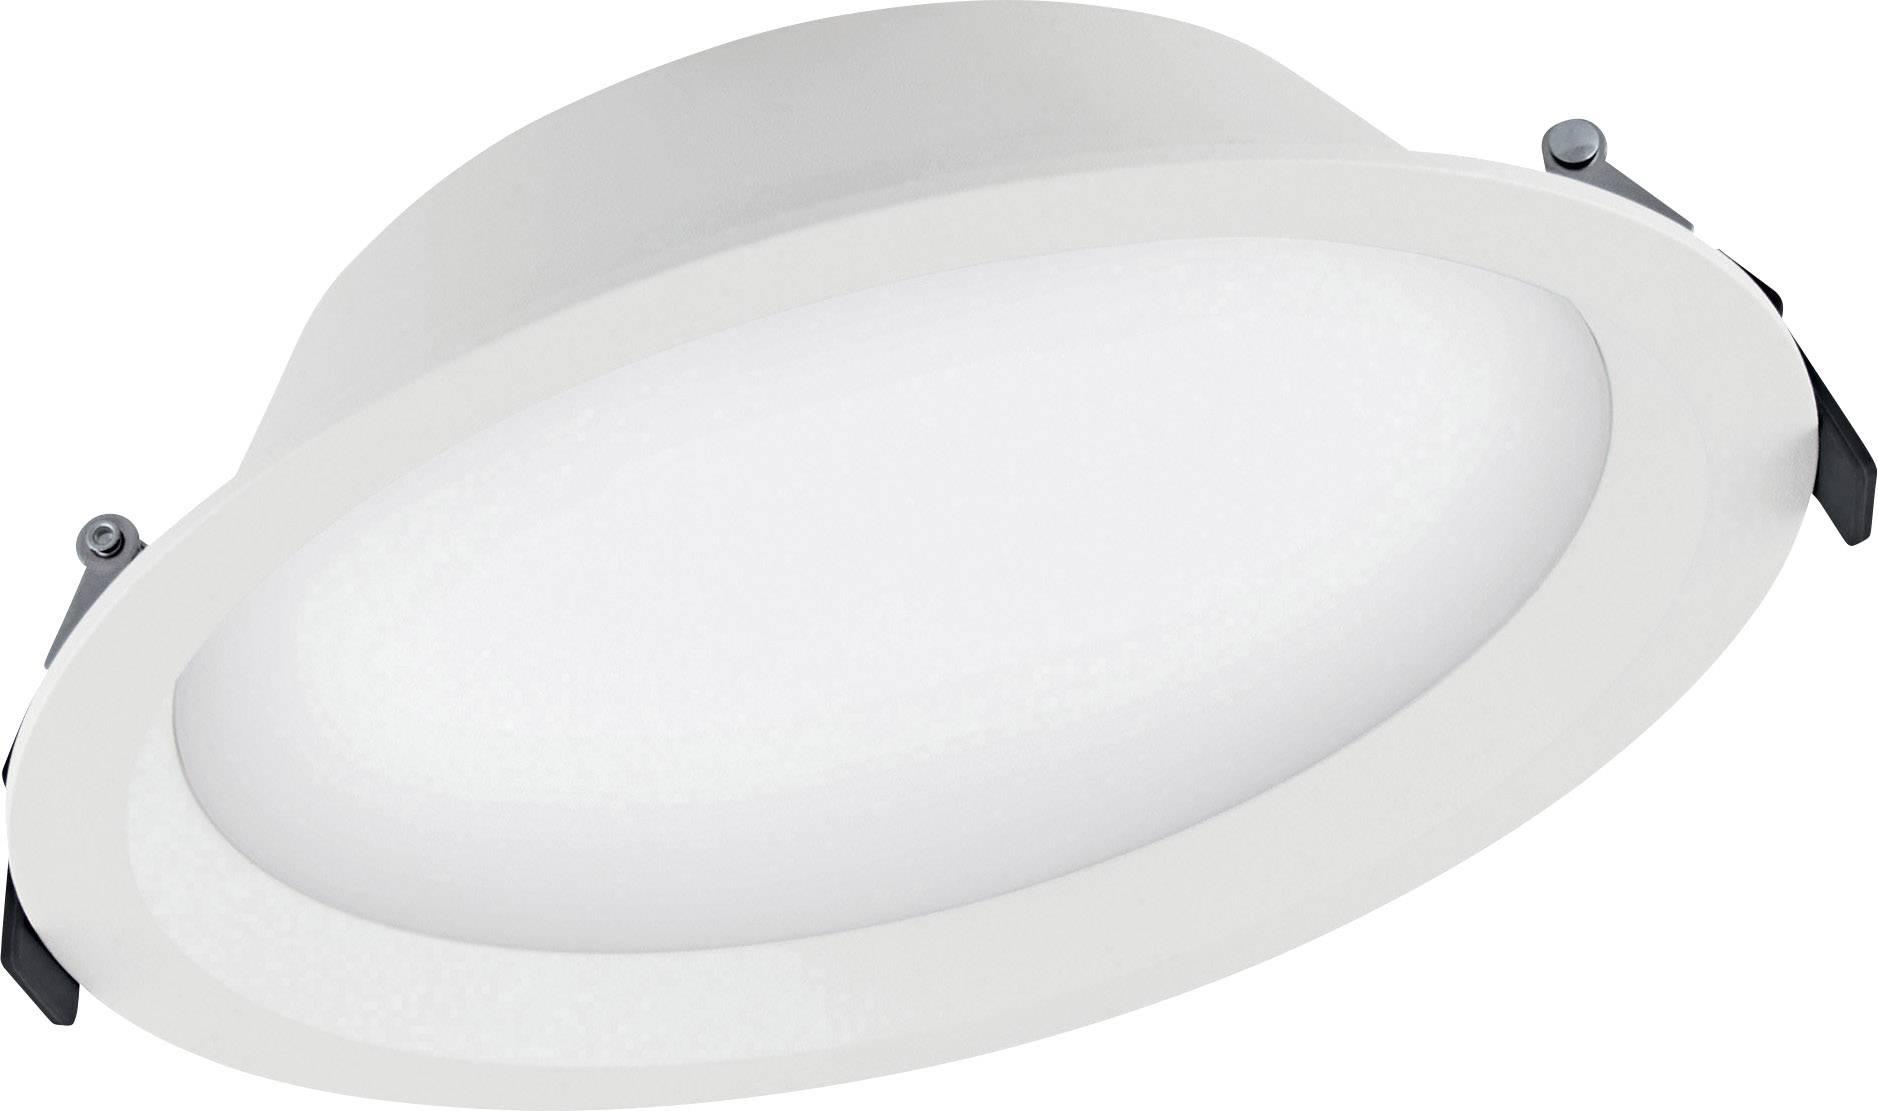 Lampada a LED da incasso per bagno 25 W Bianco neutro Classe energetica: LED (A++ - E) OSRAM 4058075091511 Bianco